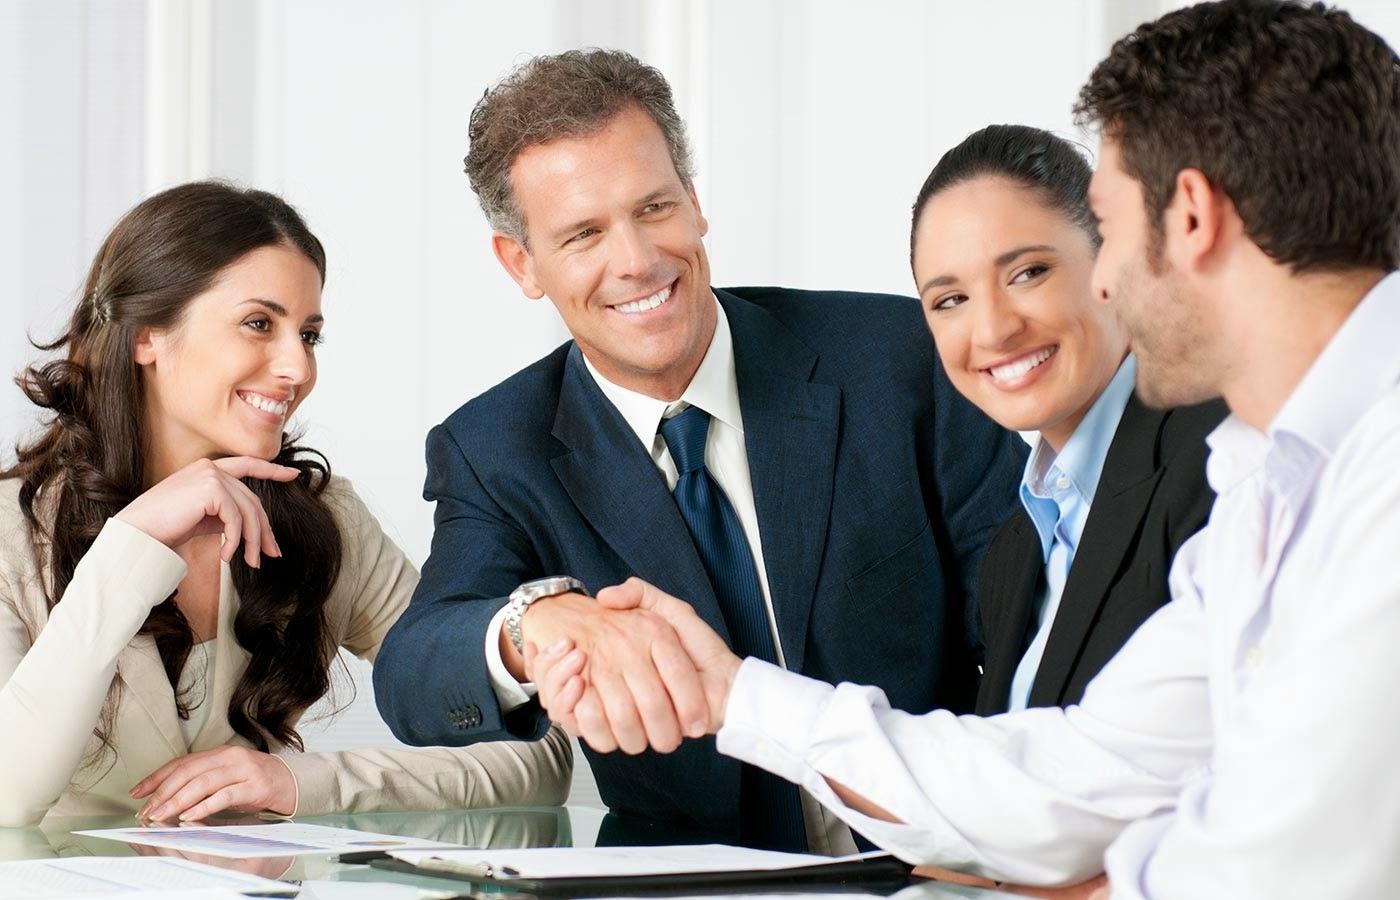 """Đi làm muốn được đồng nghiệp yêu quý, sếp không """"bắt bẻ"""", hãy ghi nhớ 5  nguyên tắc này"""